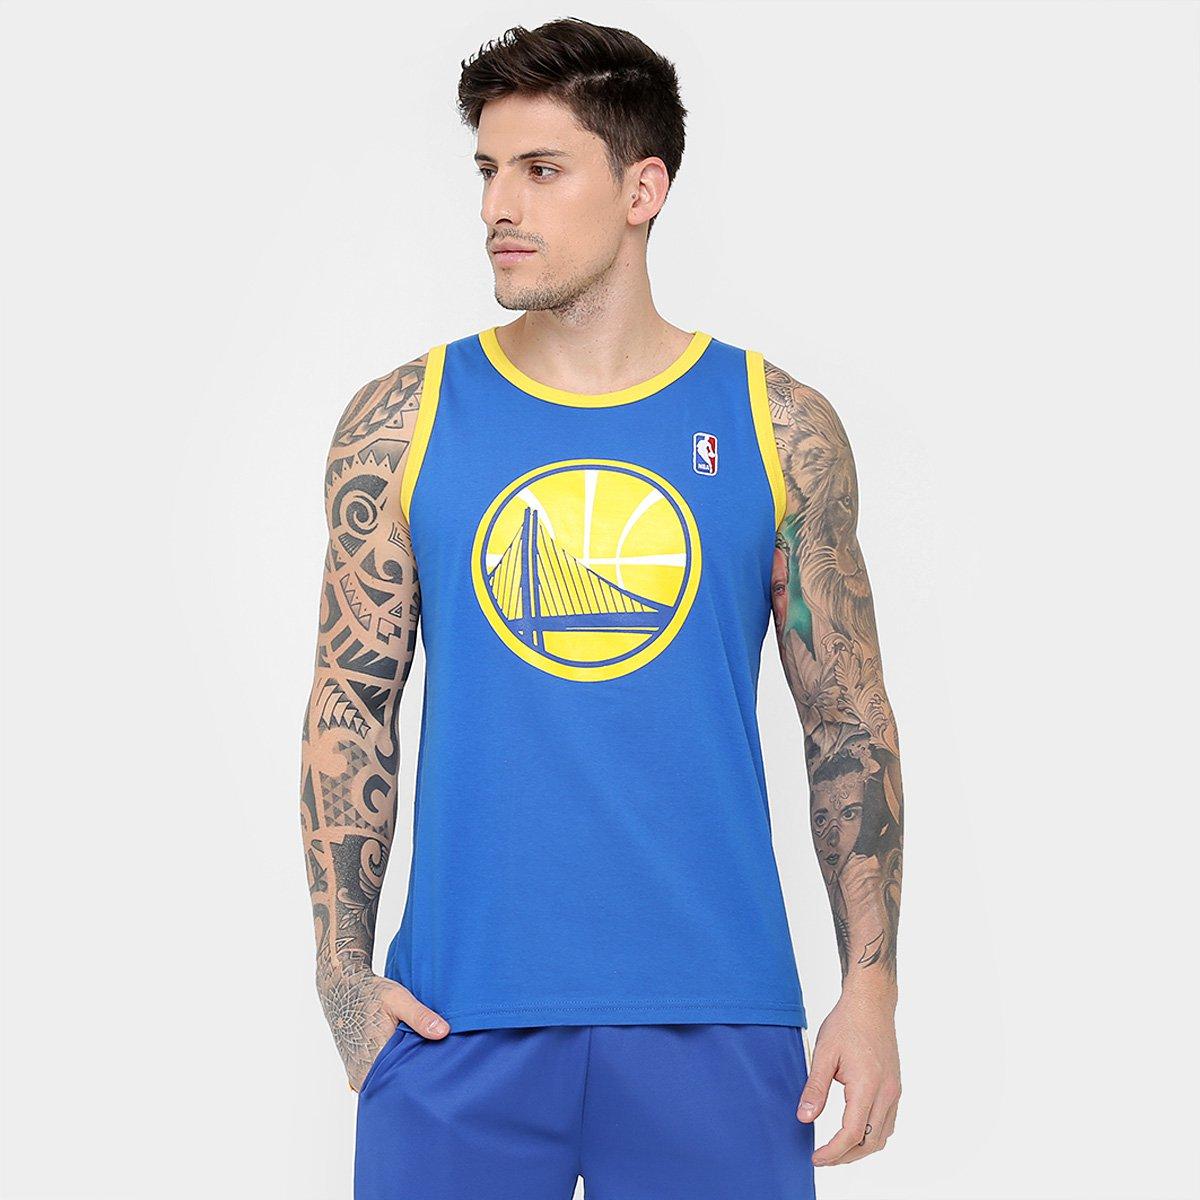 a9bb98c2c Camiseta Regata NBA Goldend State Warriors 17 Masculina - Compre Agora